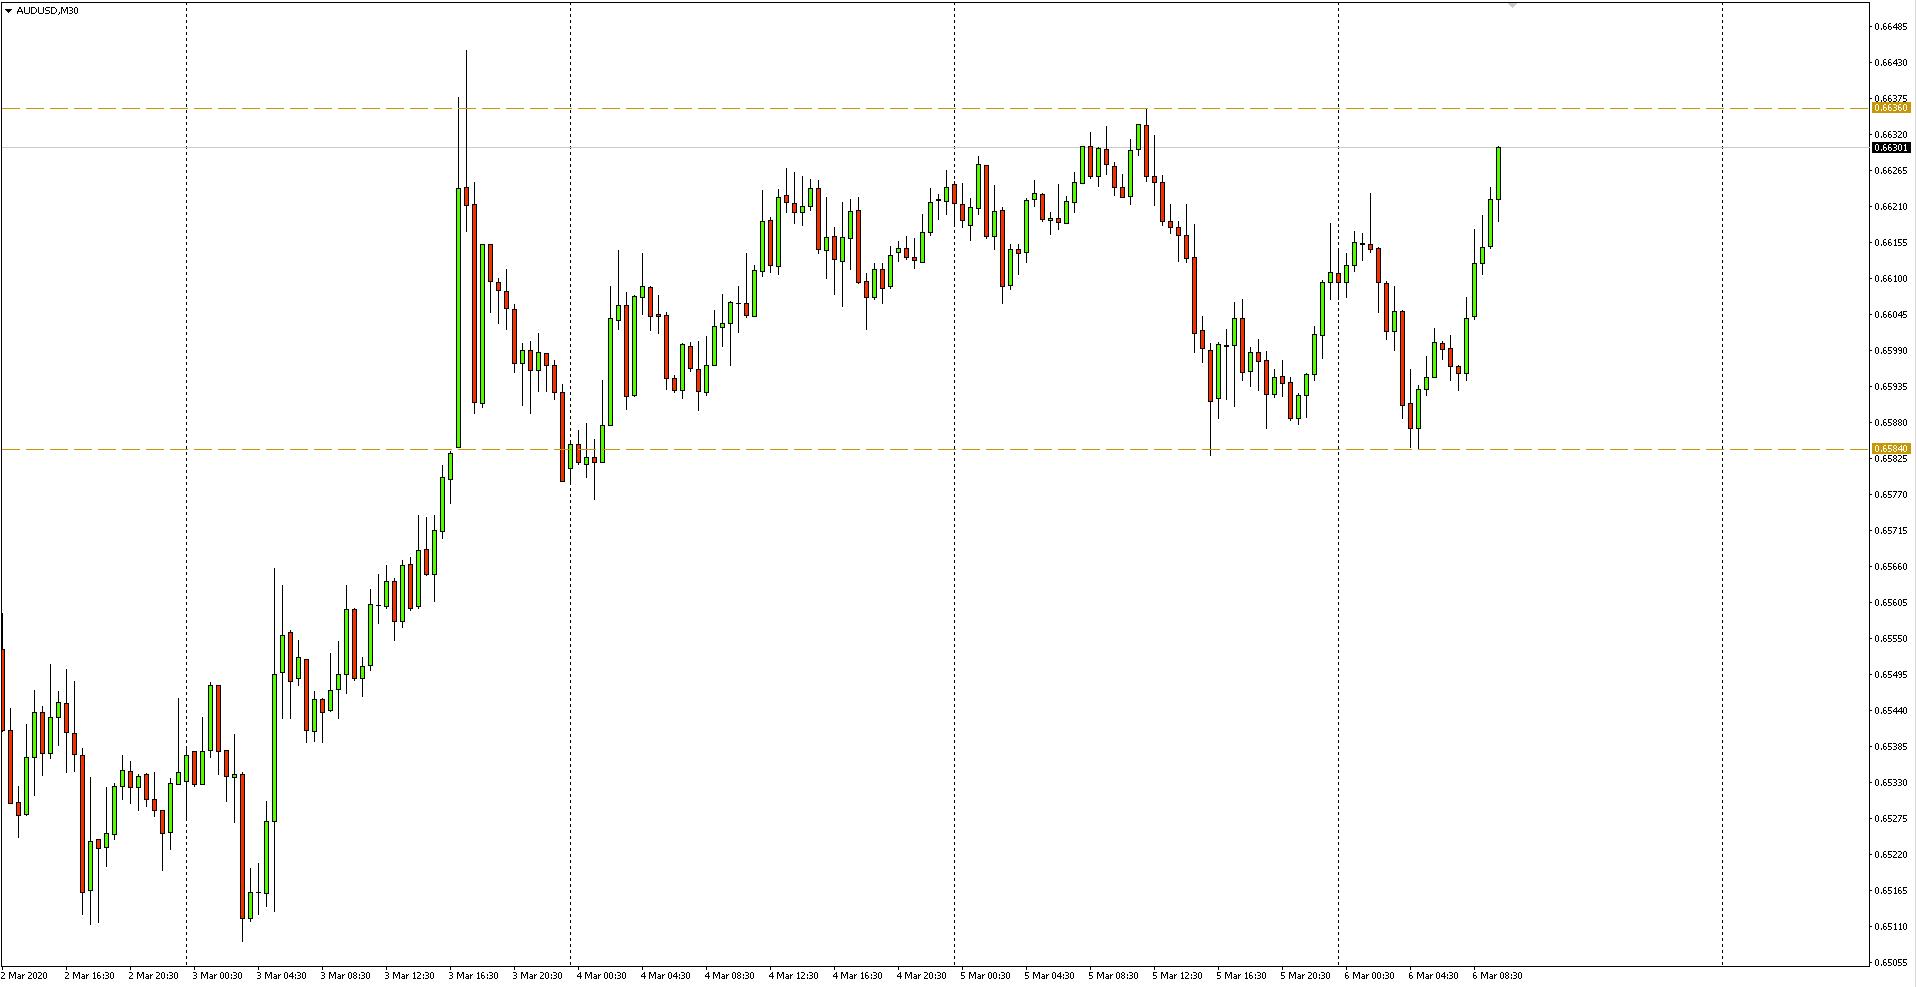 Wykres 30-minutowy pary walutowej AUDUSD - 6 marca 2020 r.